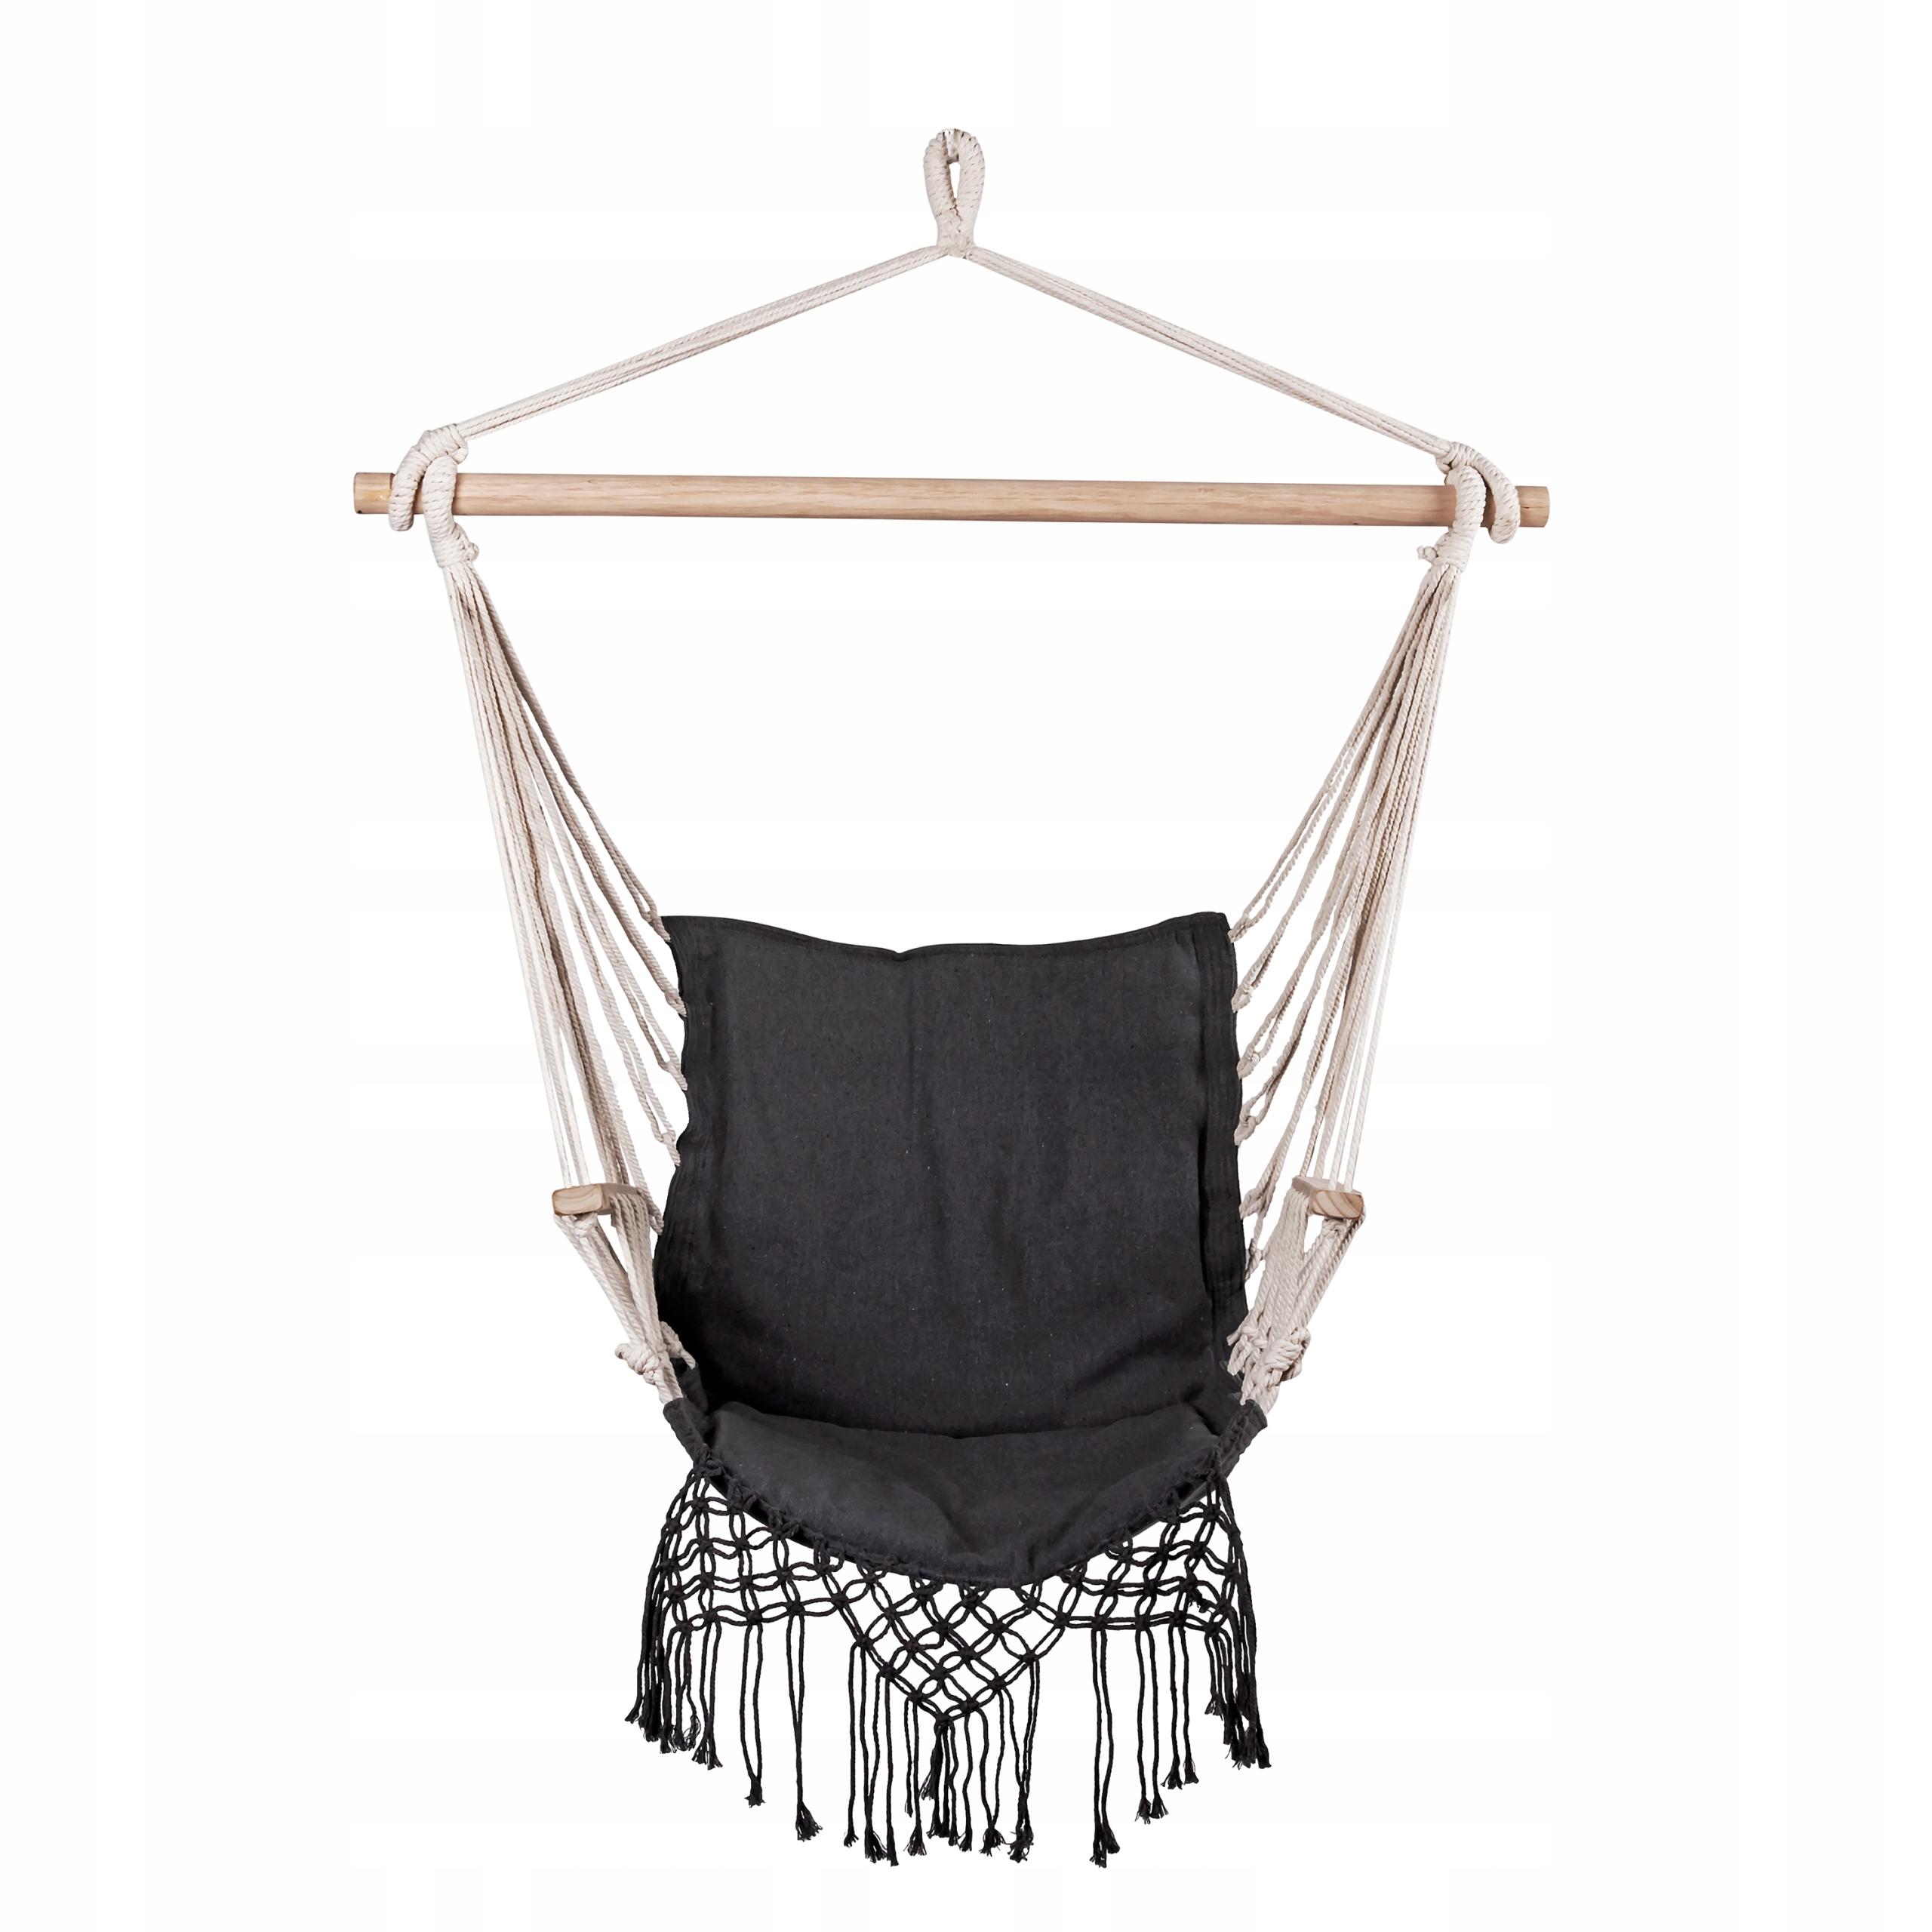 Krzesło wiszące BRAZYLIJSKIE HAMAK huśtawka COSTA EAN 5902340248935